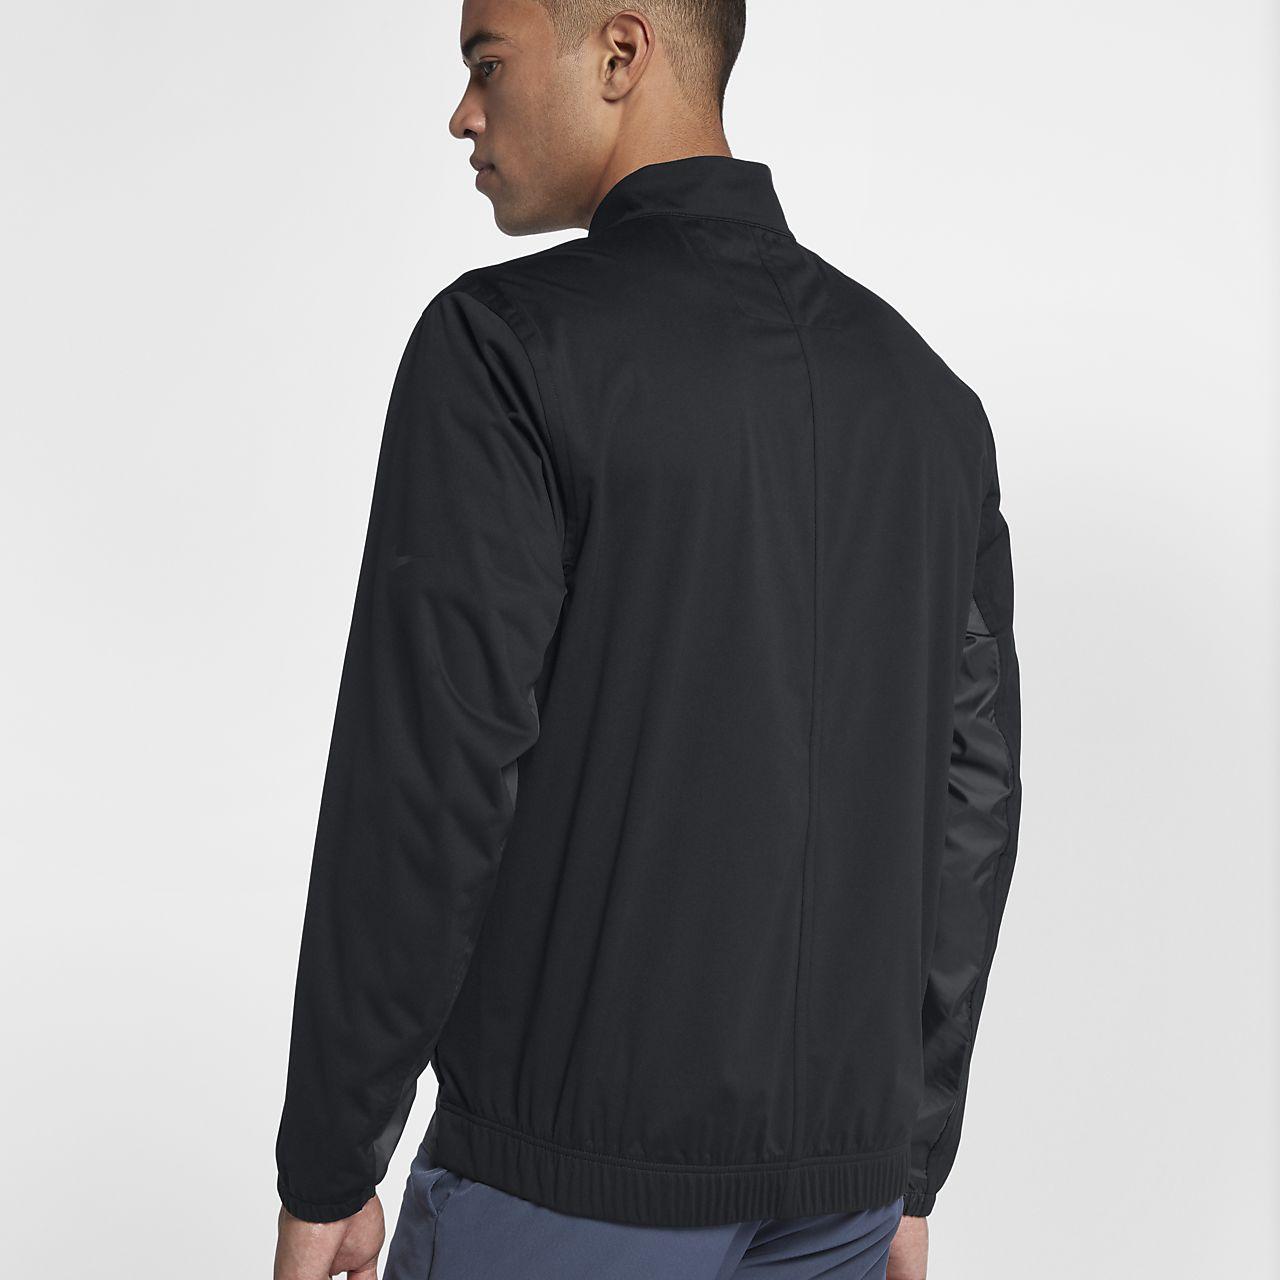 b7f24f4156d2 Nike Shield Men s Full-Zip Golf Jacket. Nike.com GB